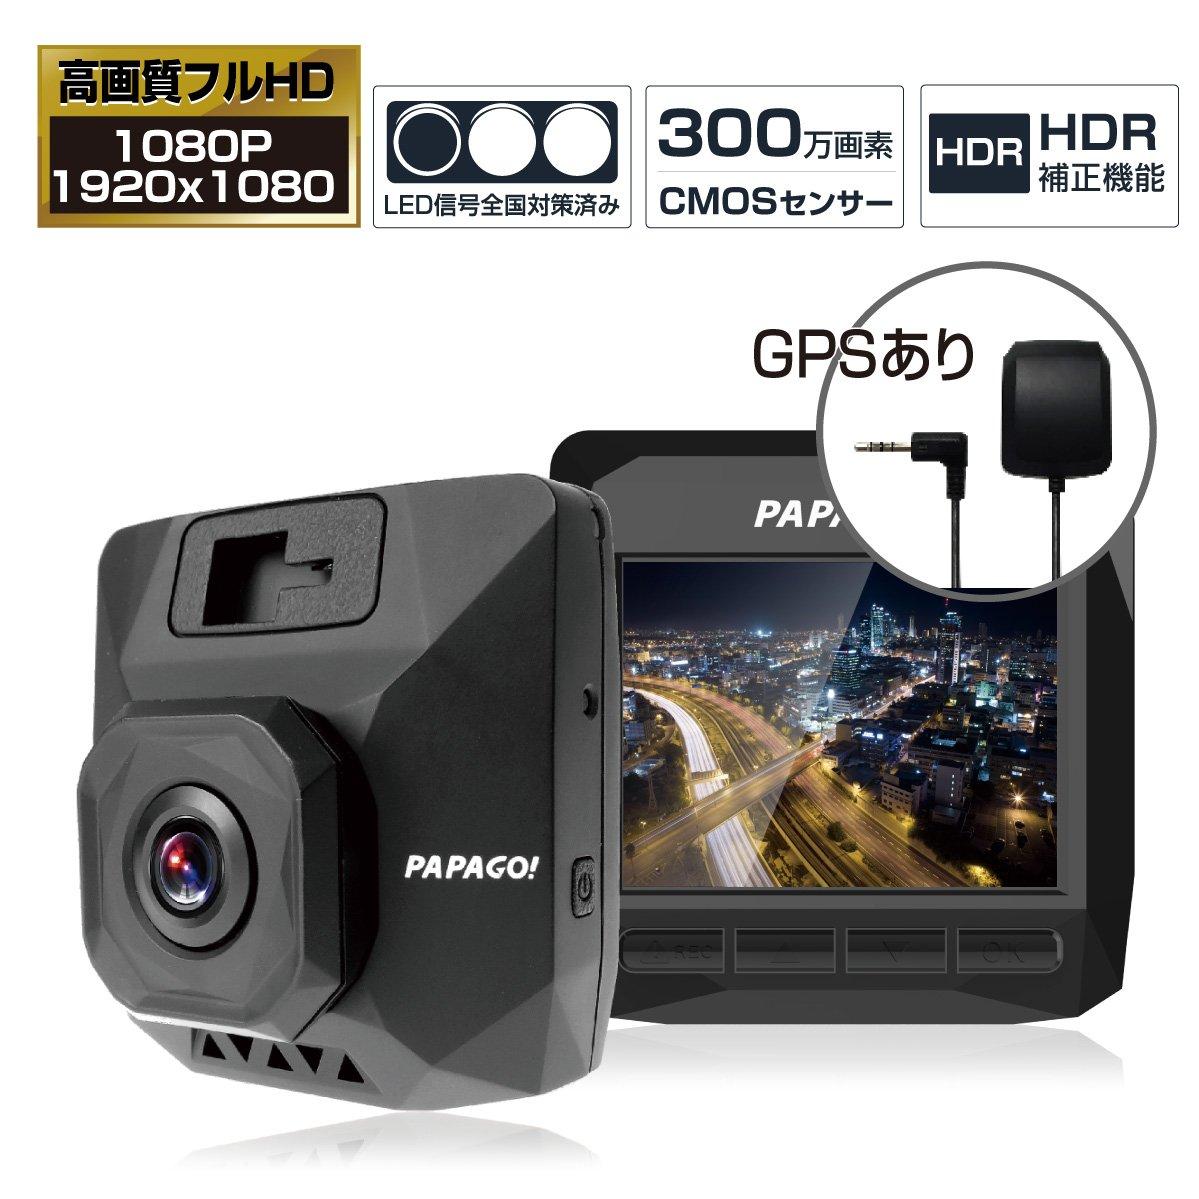 目立たず邪魔にならないデザインで最大64GBまで対応する高画質フルHDドライブレコーダー GPS付属 GoSafe D11 GS-D11-GPS16 GS-D11-GPS16 B071DPSQQ9